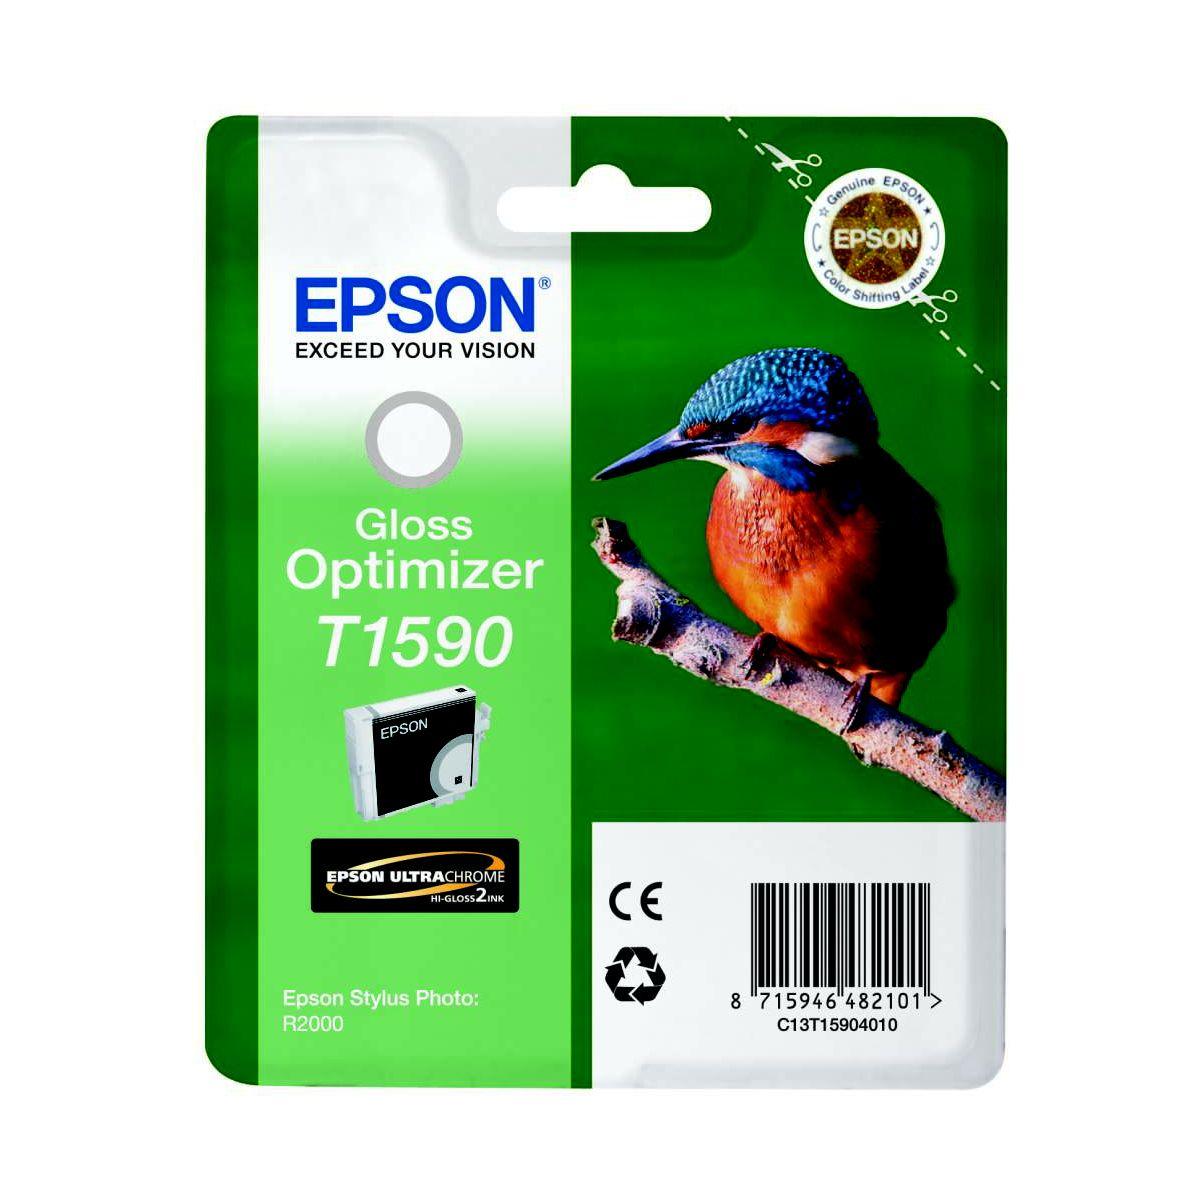 Optimiseur de brillance EPSON T1590 Série Martin Pêcheur